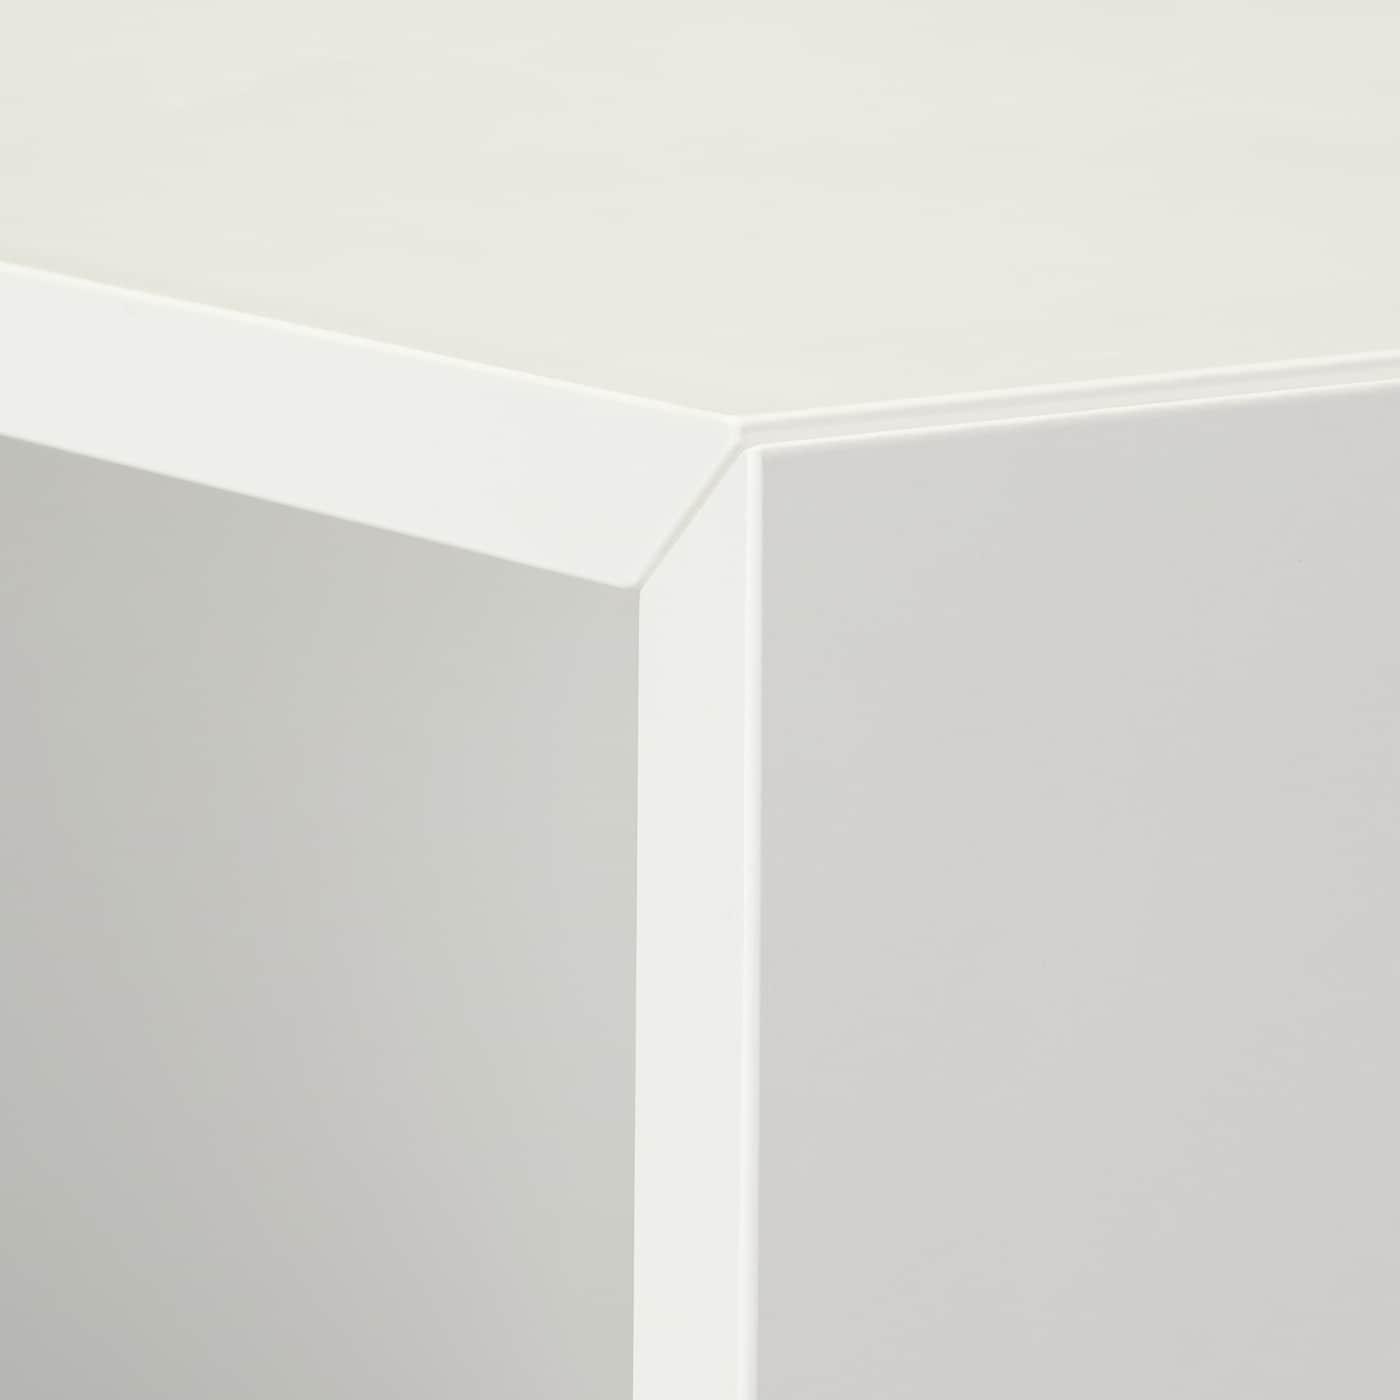 EKET Regal, za montiranje na zid, bijela, 35x25x35 cm